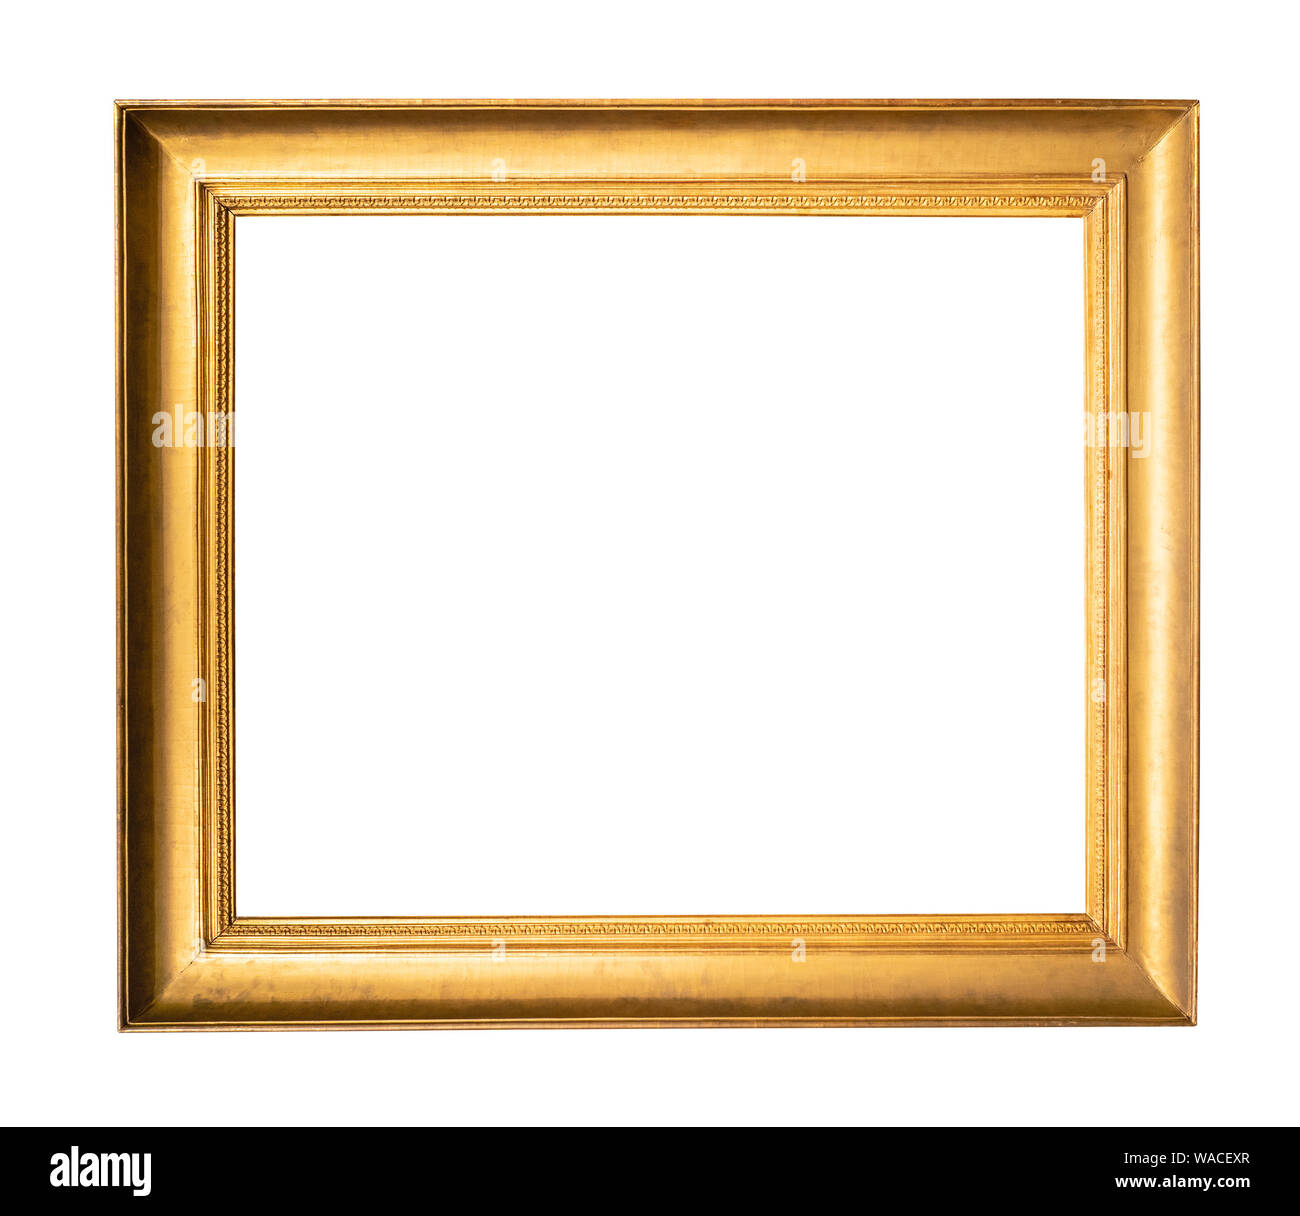 Alte Breite Einfache Holz Bilderrahmen In Gold Farbe Ausschnitt